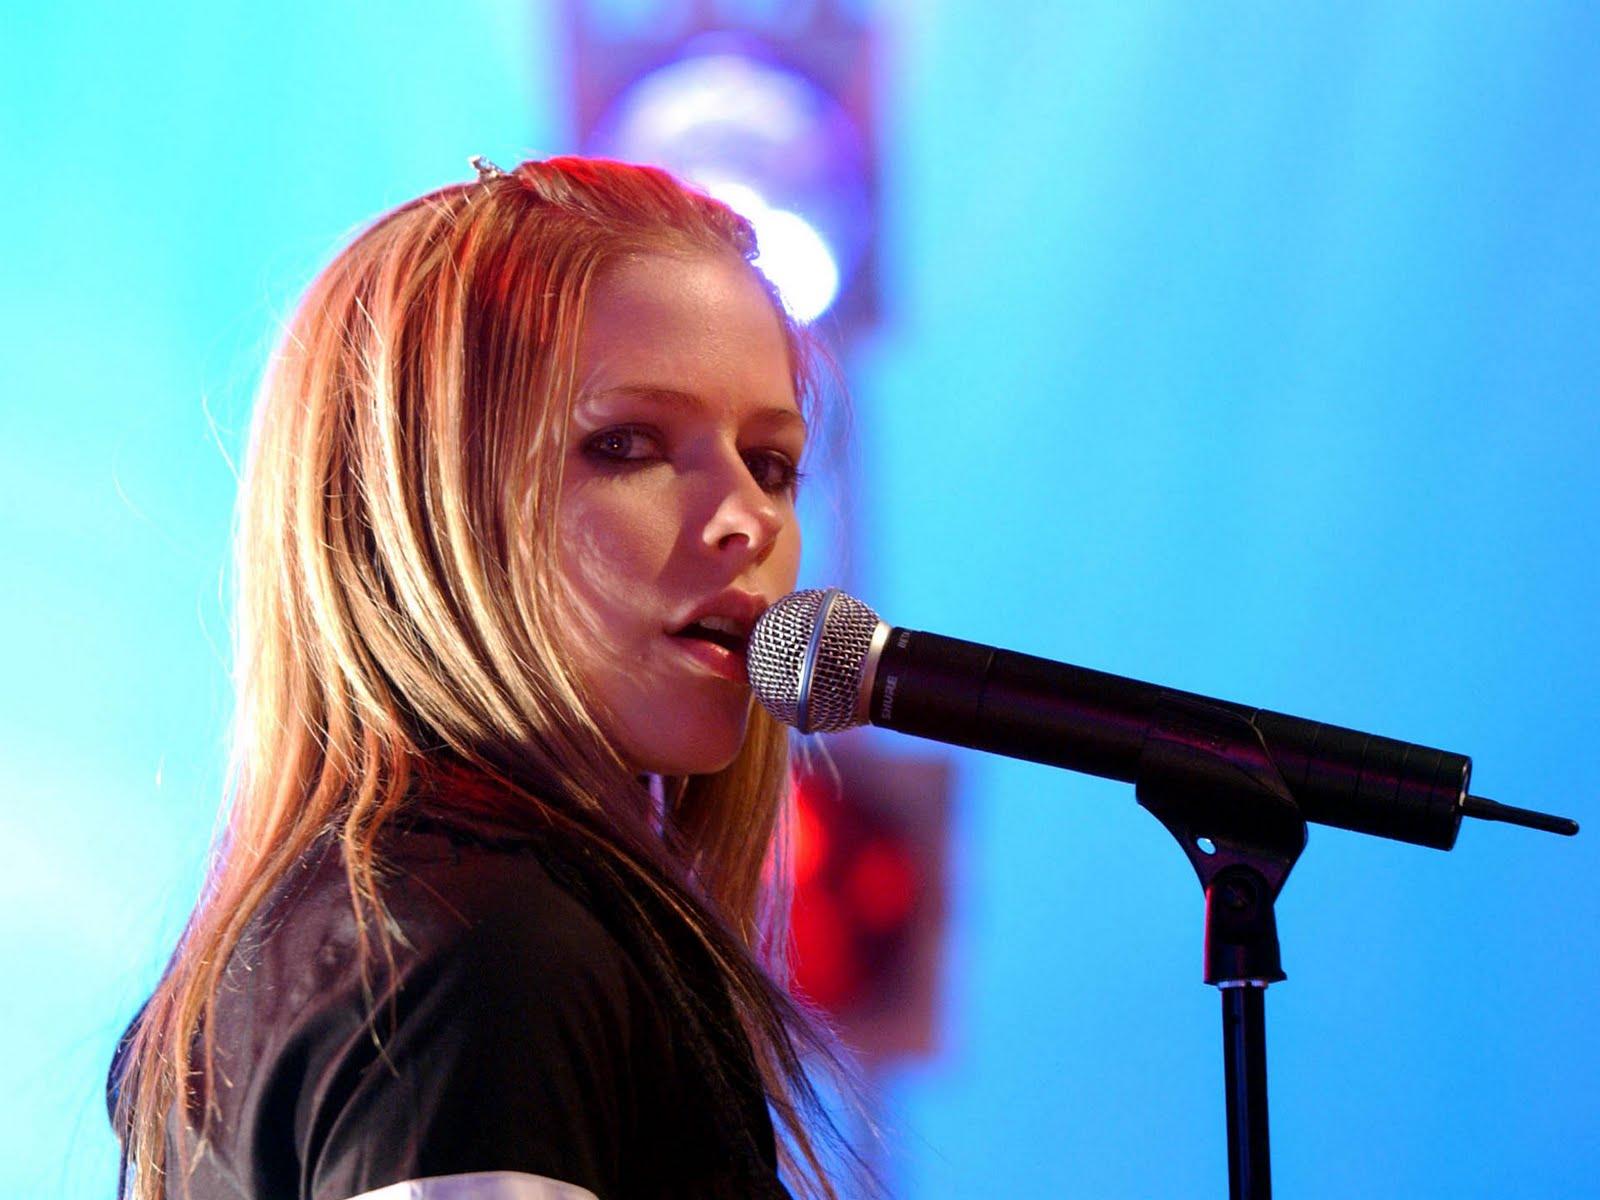 http://3.bp.blogspot.com/-OGpOwdTE3oY/TmGwwDrX0fI/AAAAAAAAAnk/KISHxQZ-I4c/s1600/Avril+Lavigne+Photo+Gallery+%252814%2529.jpg